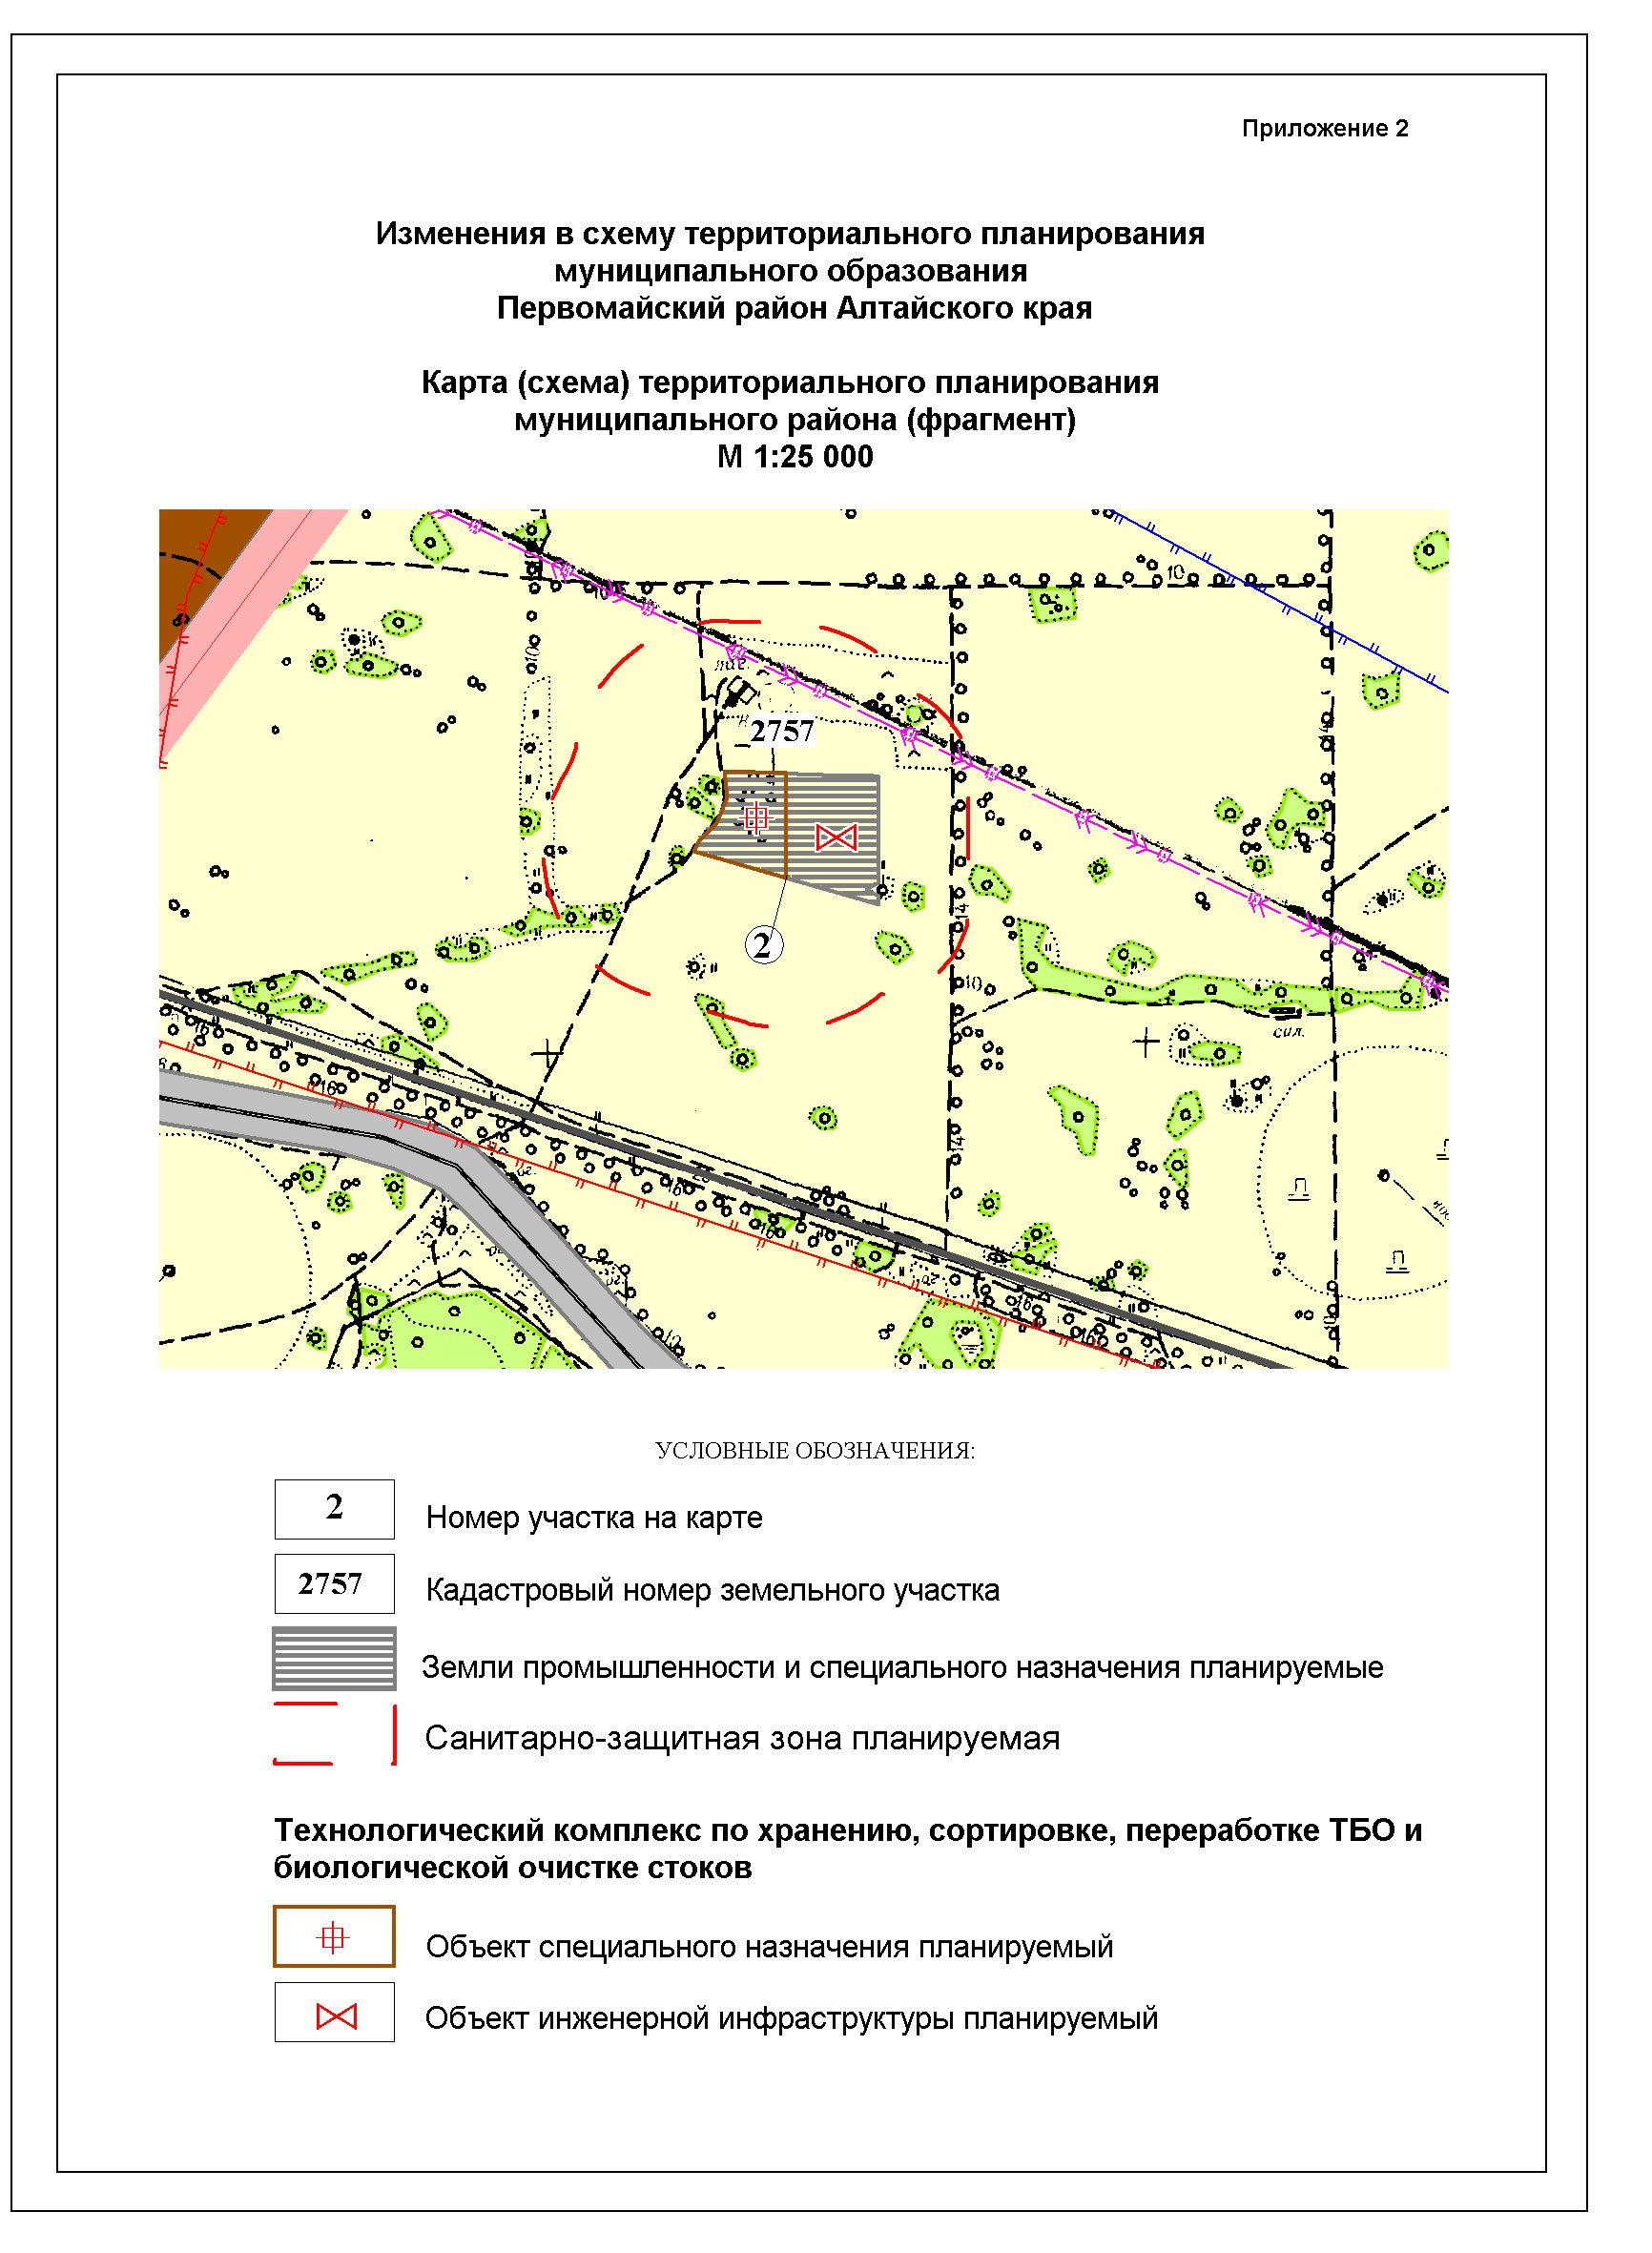 Приложение 1 2 3 схема